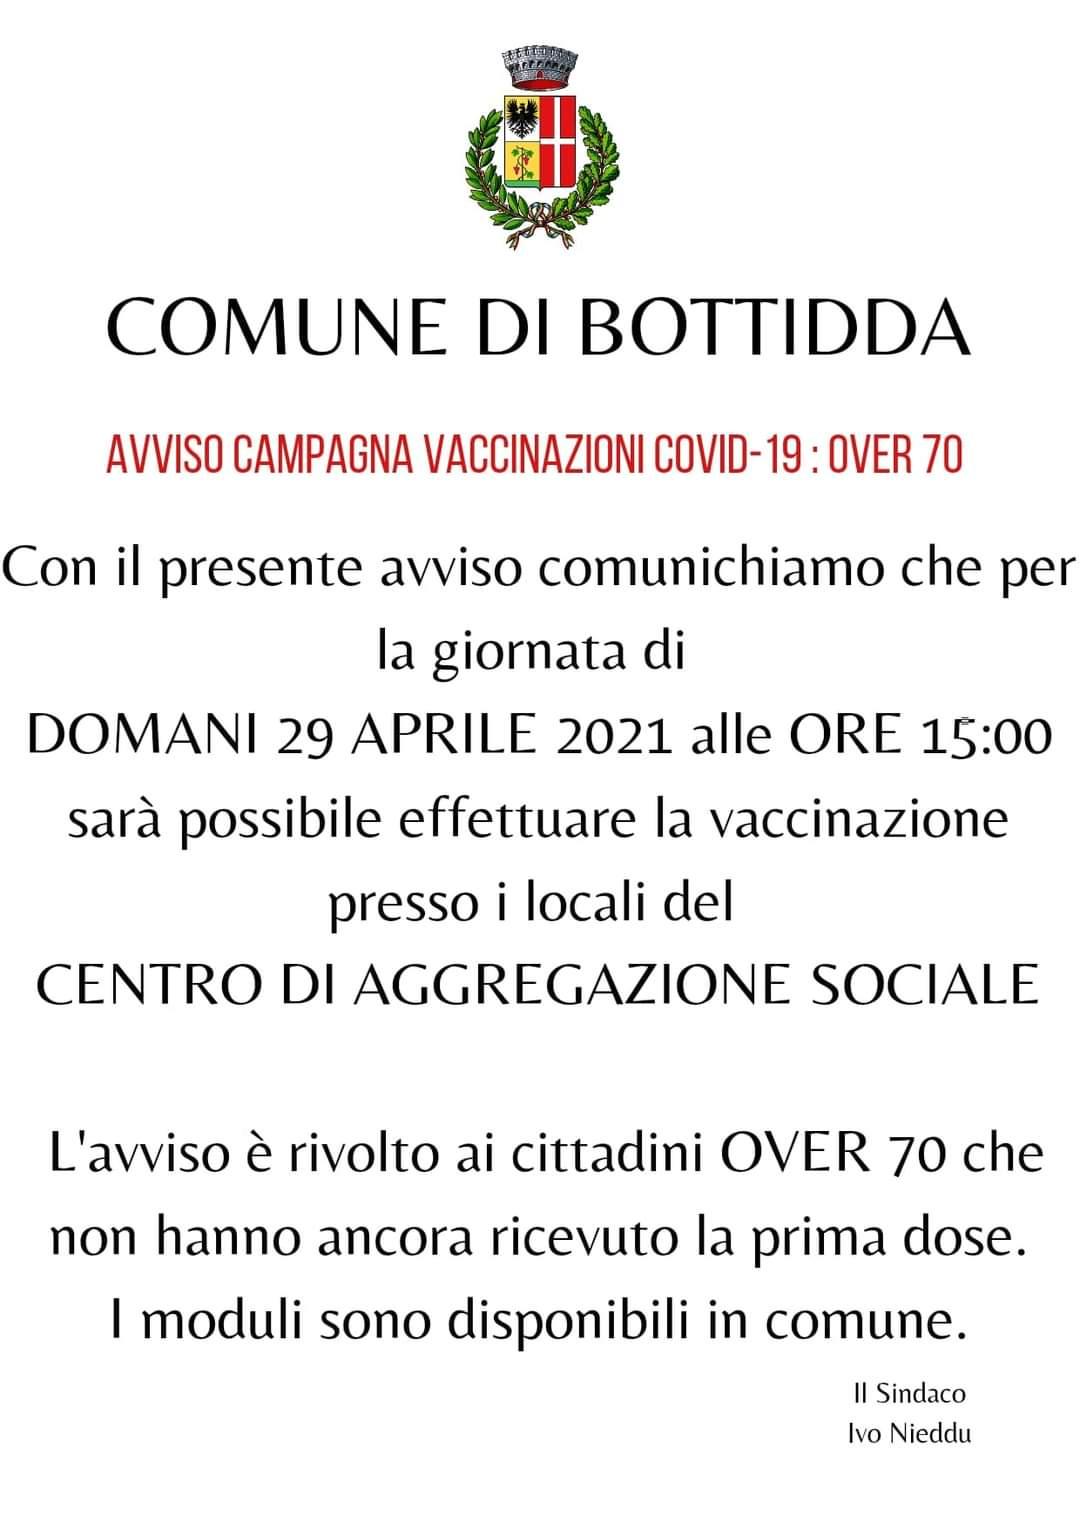 CAMPAGNA DI VACCINAZIONE COVID 19 - OVER 70